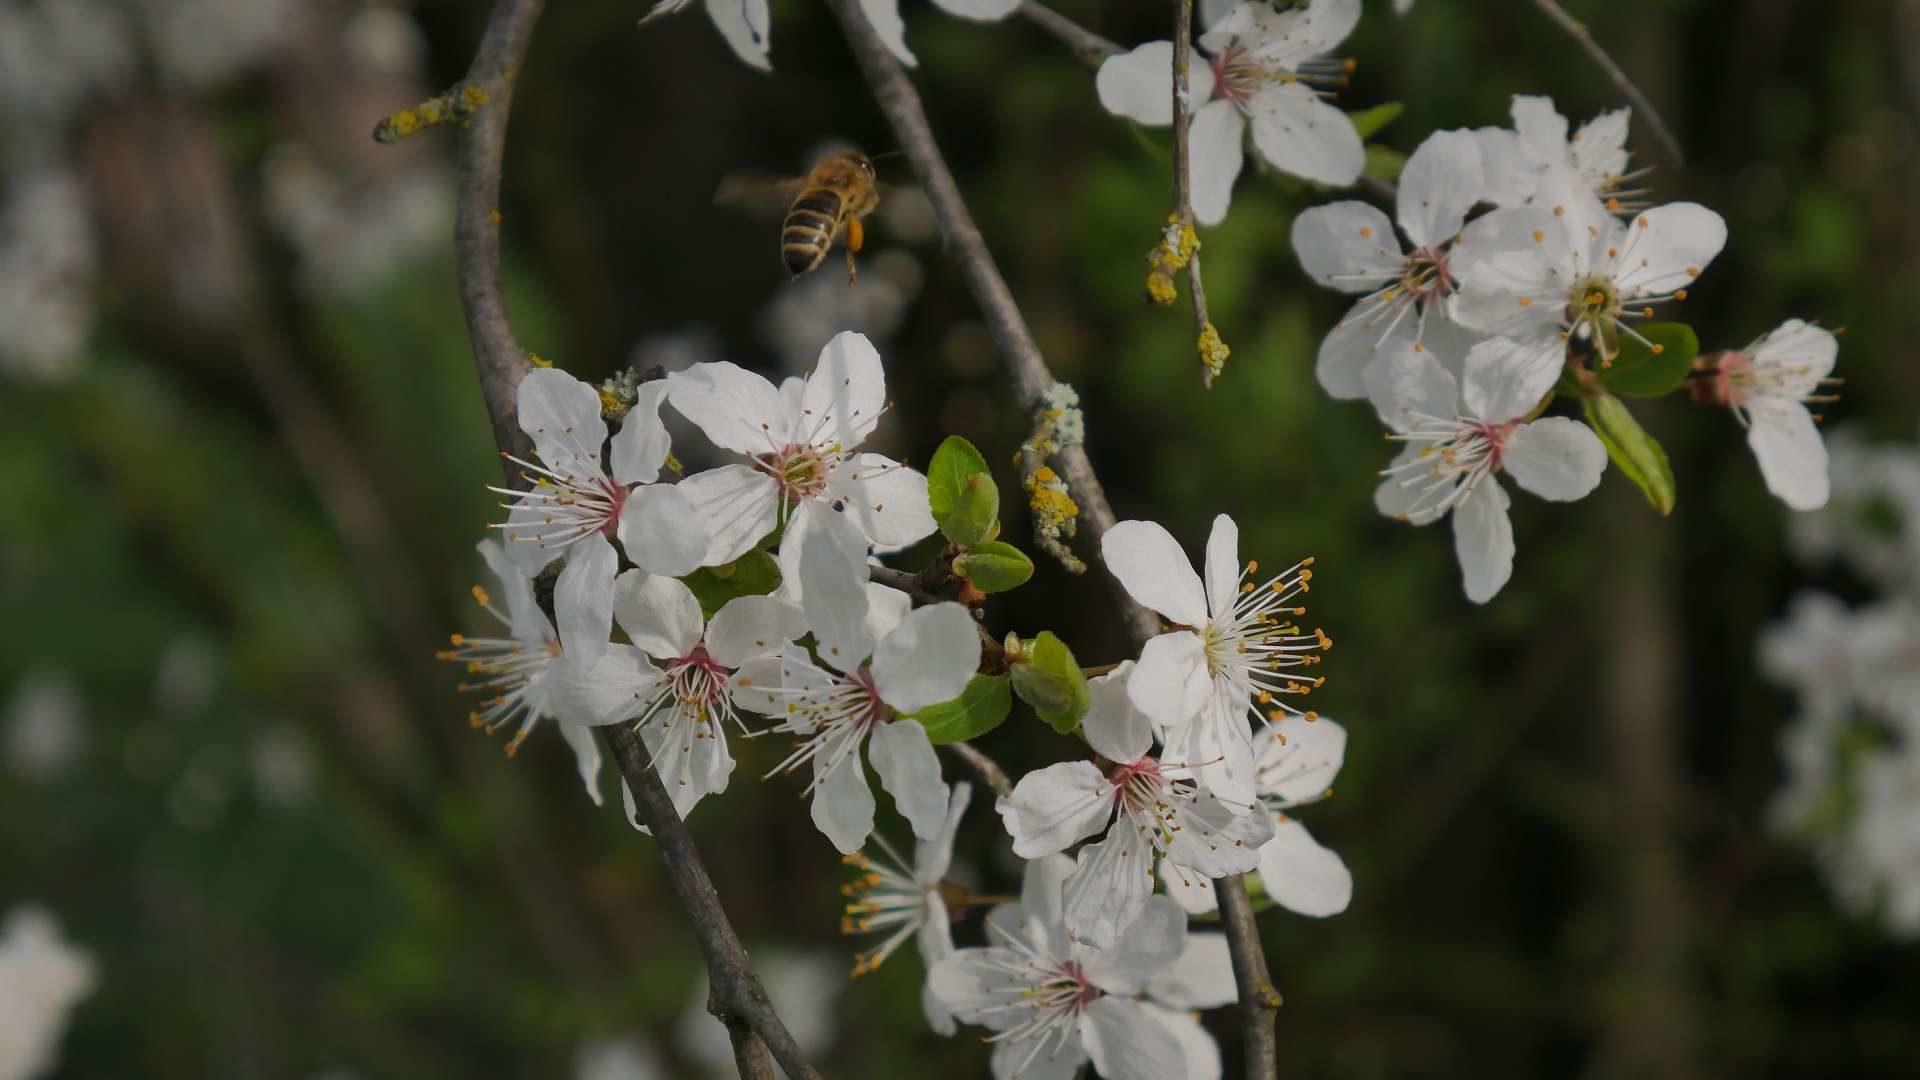 Flug der Biene